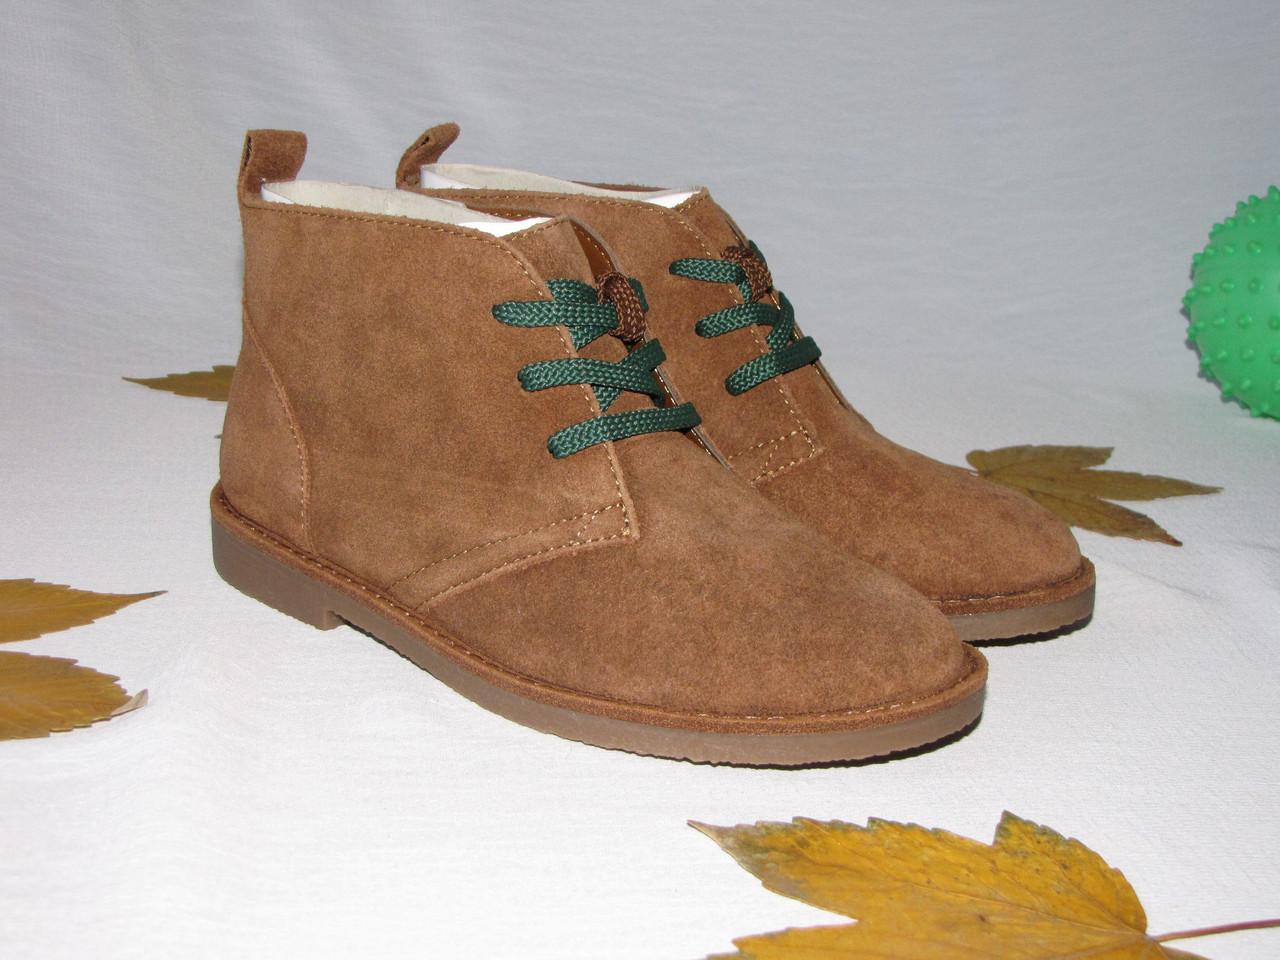 Ботинки подростковые осенниеLands'End оригинал размер 33 коричневые 08019/01